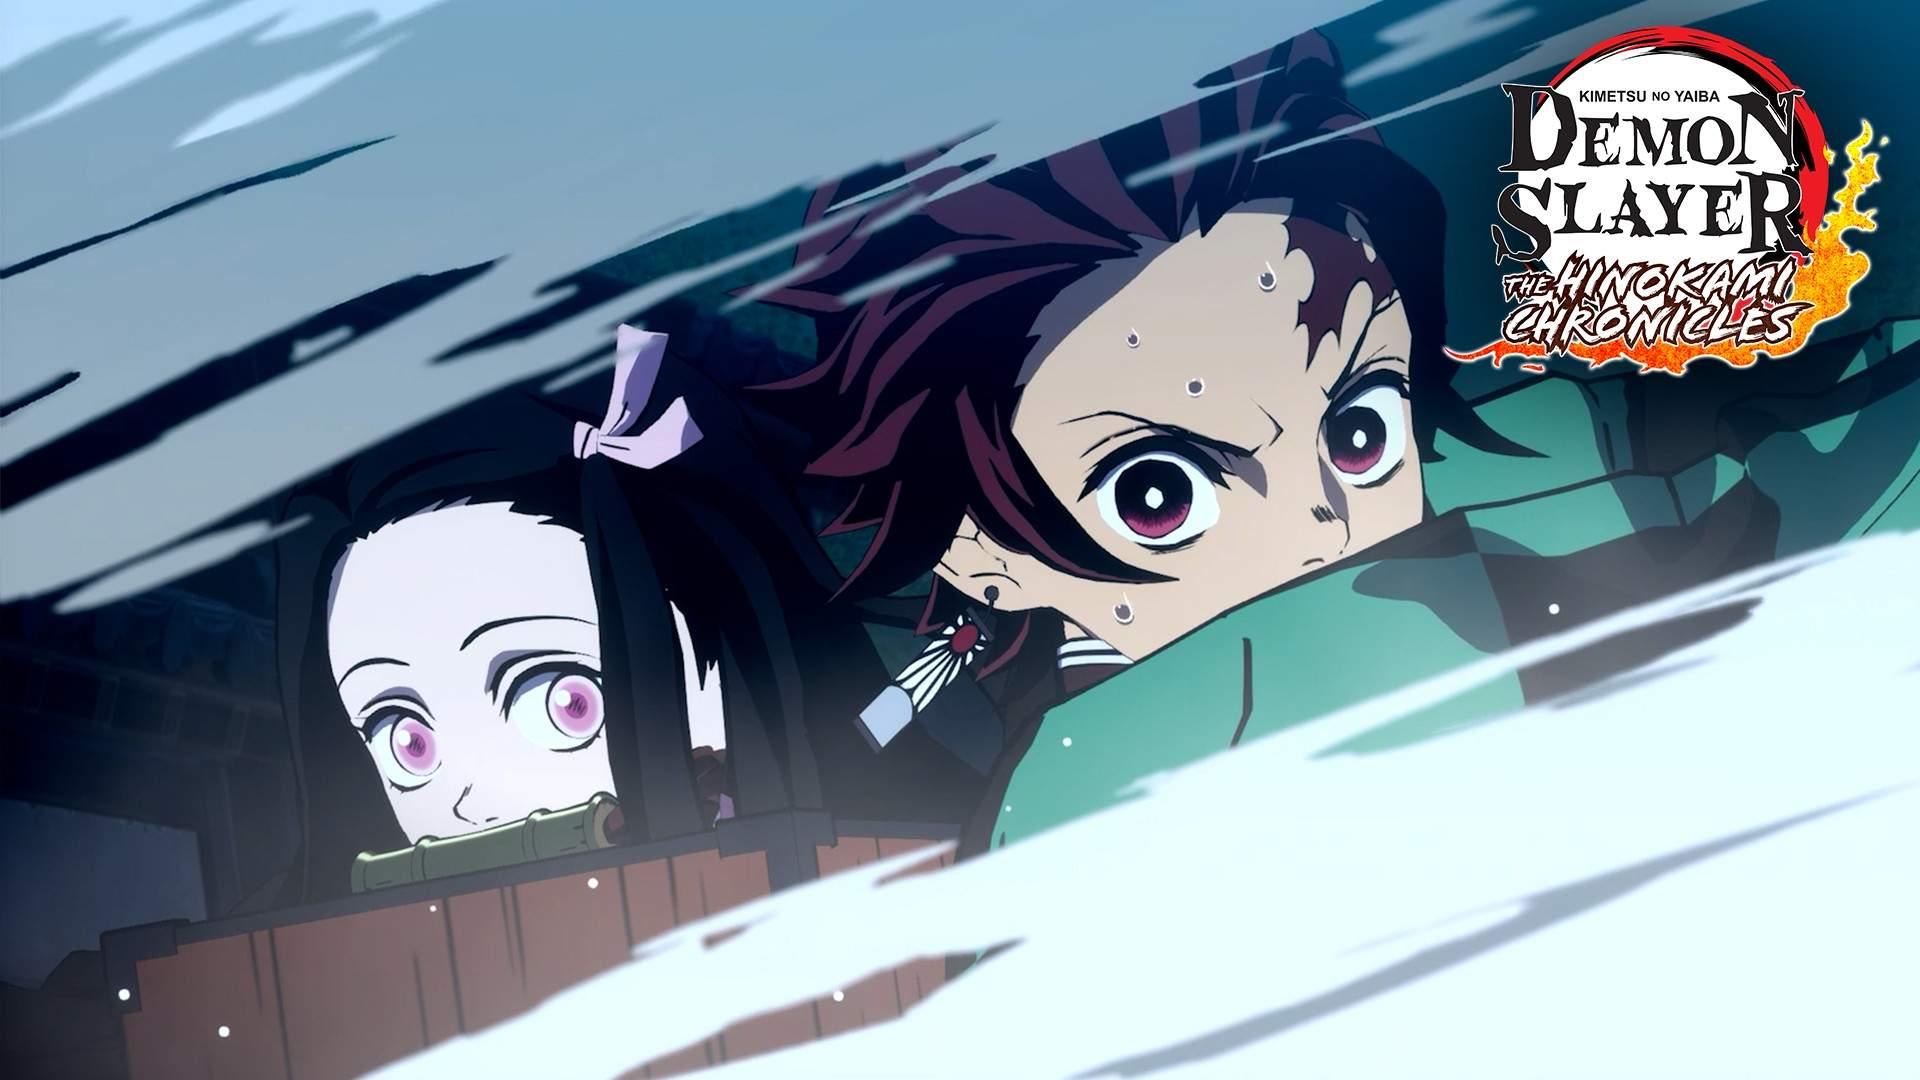 Il videogioco di Demon Slayer -Kimetsu no Yaiba- The Hinokami Chronicles  su Xbox a partire da oggi